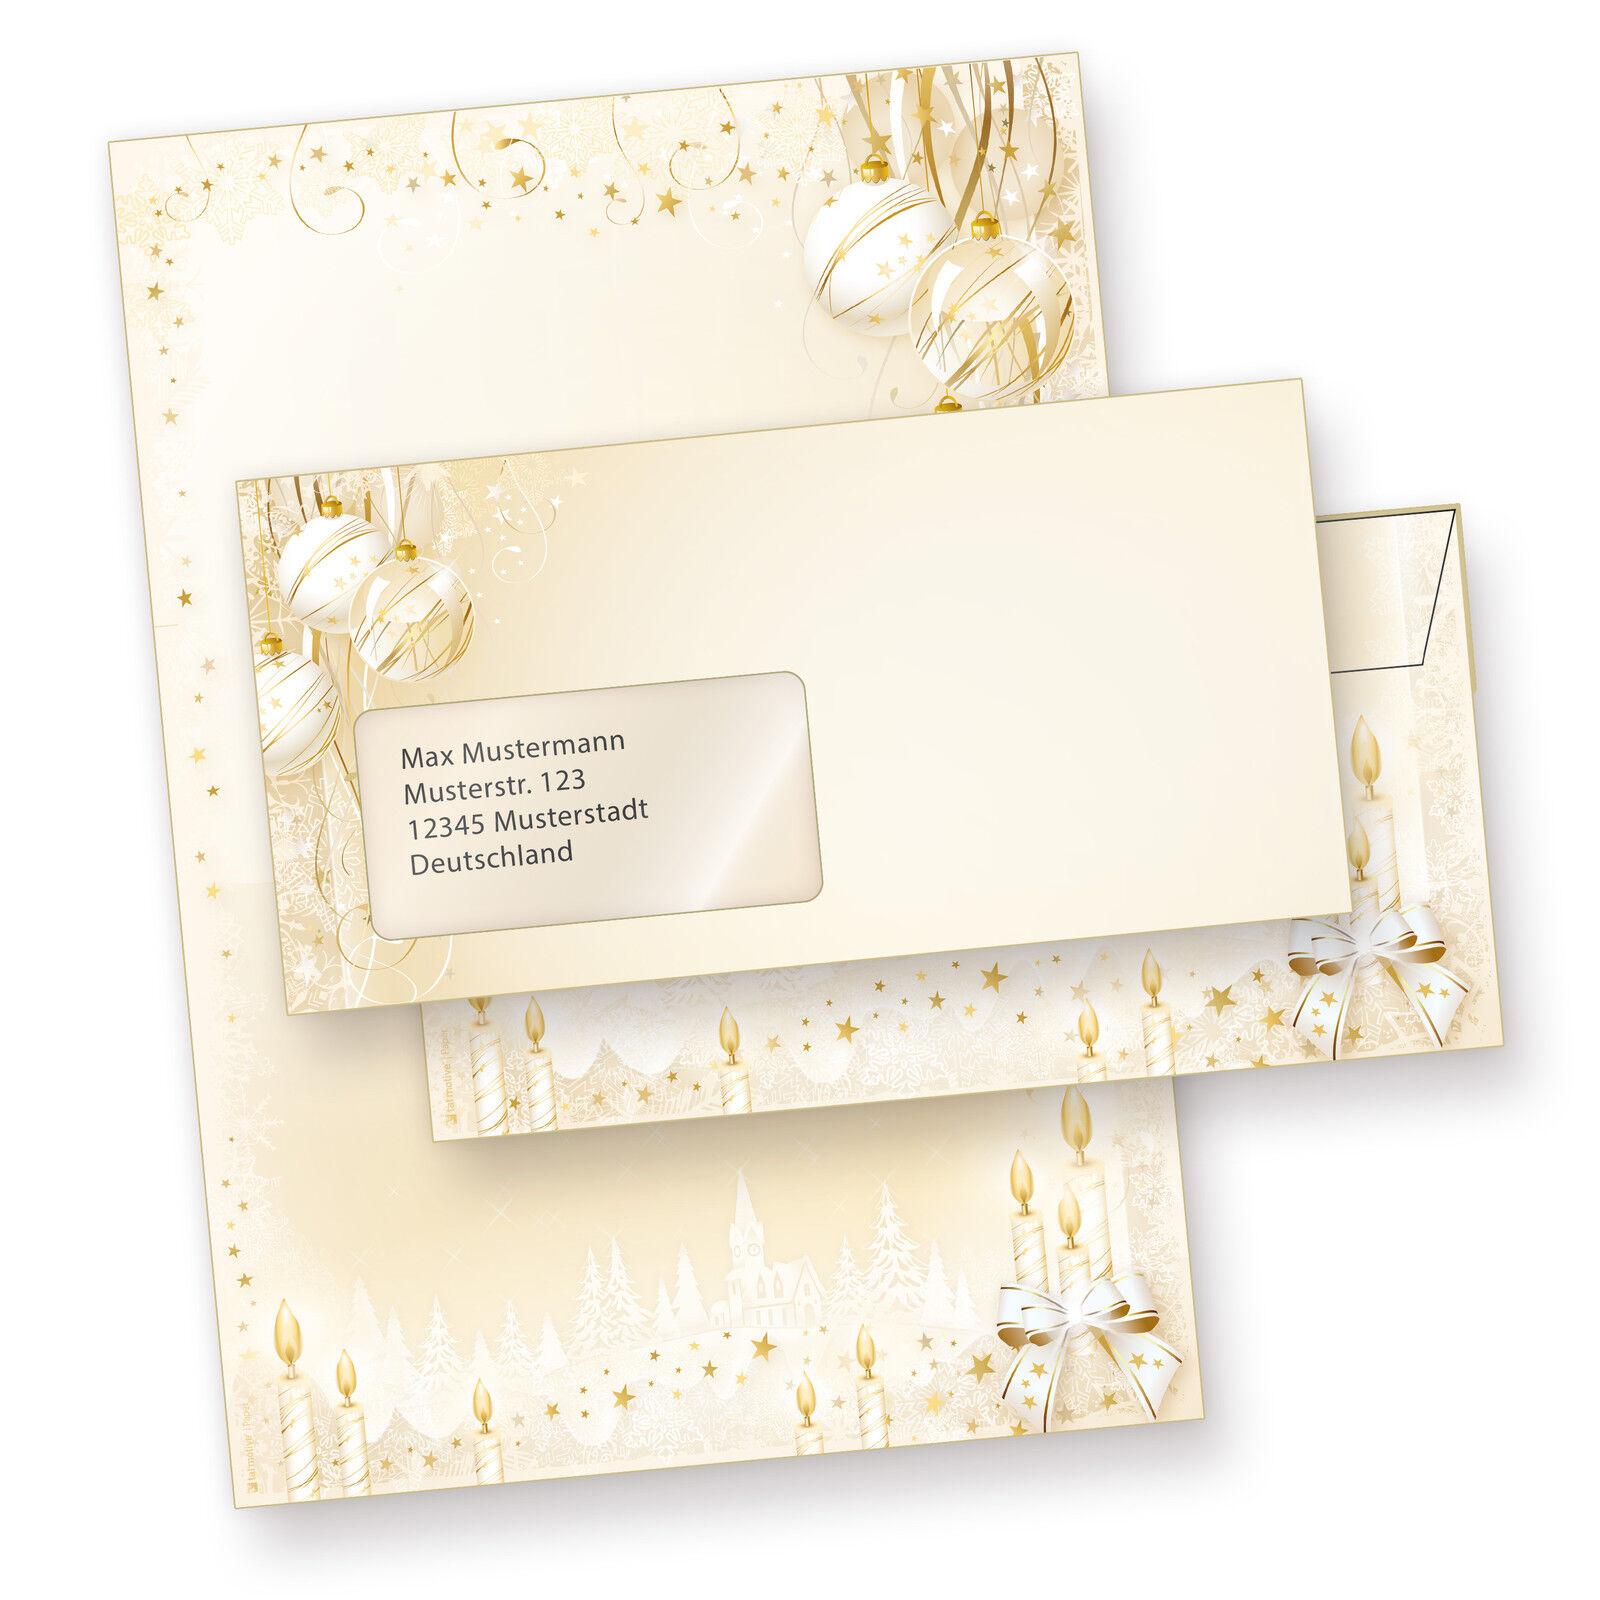 briefpapier m rchen weihnachten weihnachtsbriefpapier motivpapier umschl ge eur 3 98 picclick de. Black Bedroom Furniture Sets. Home Design Ideas